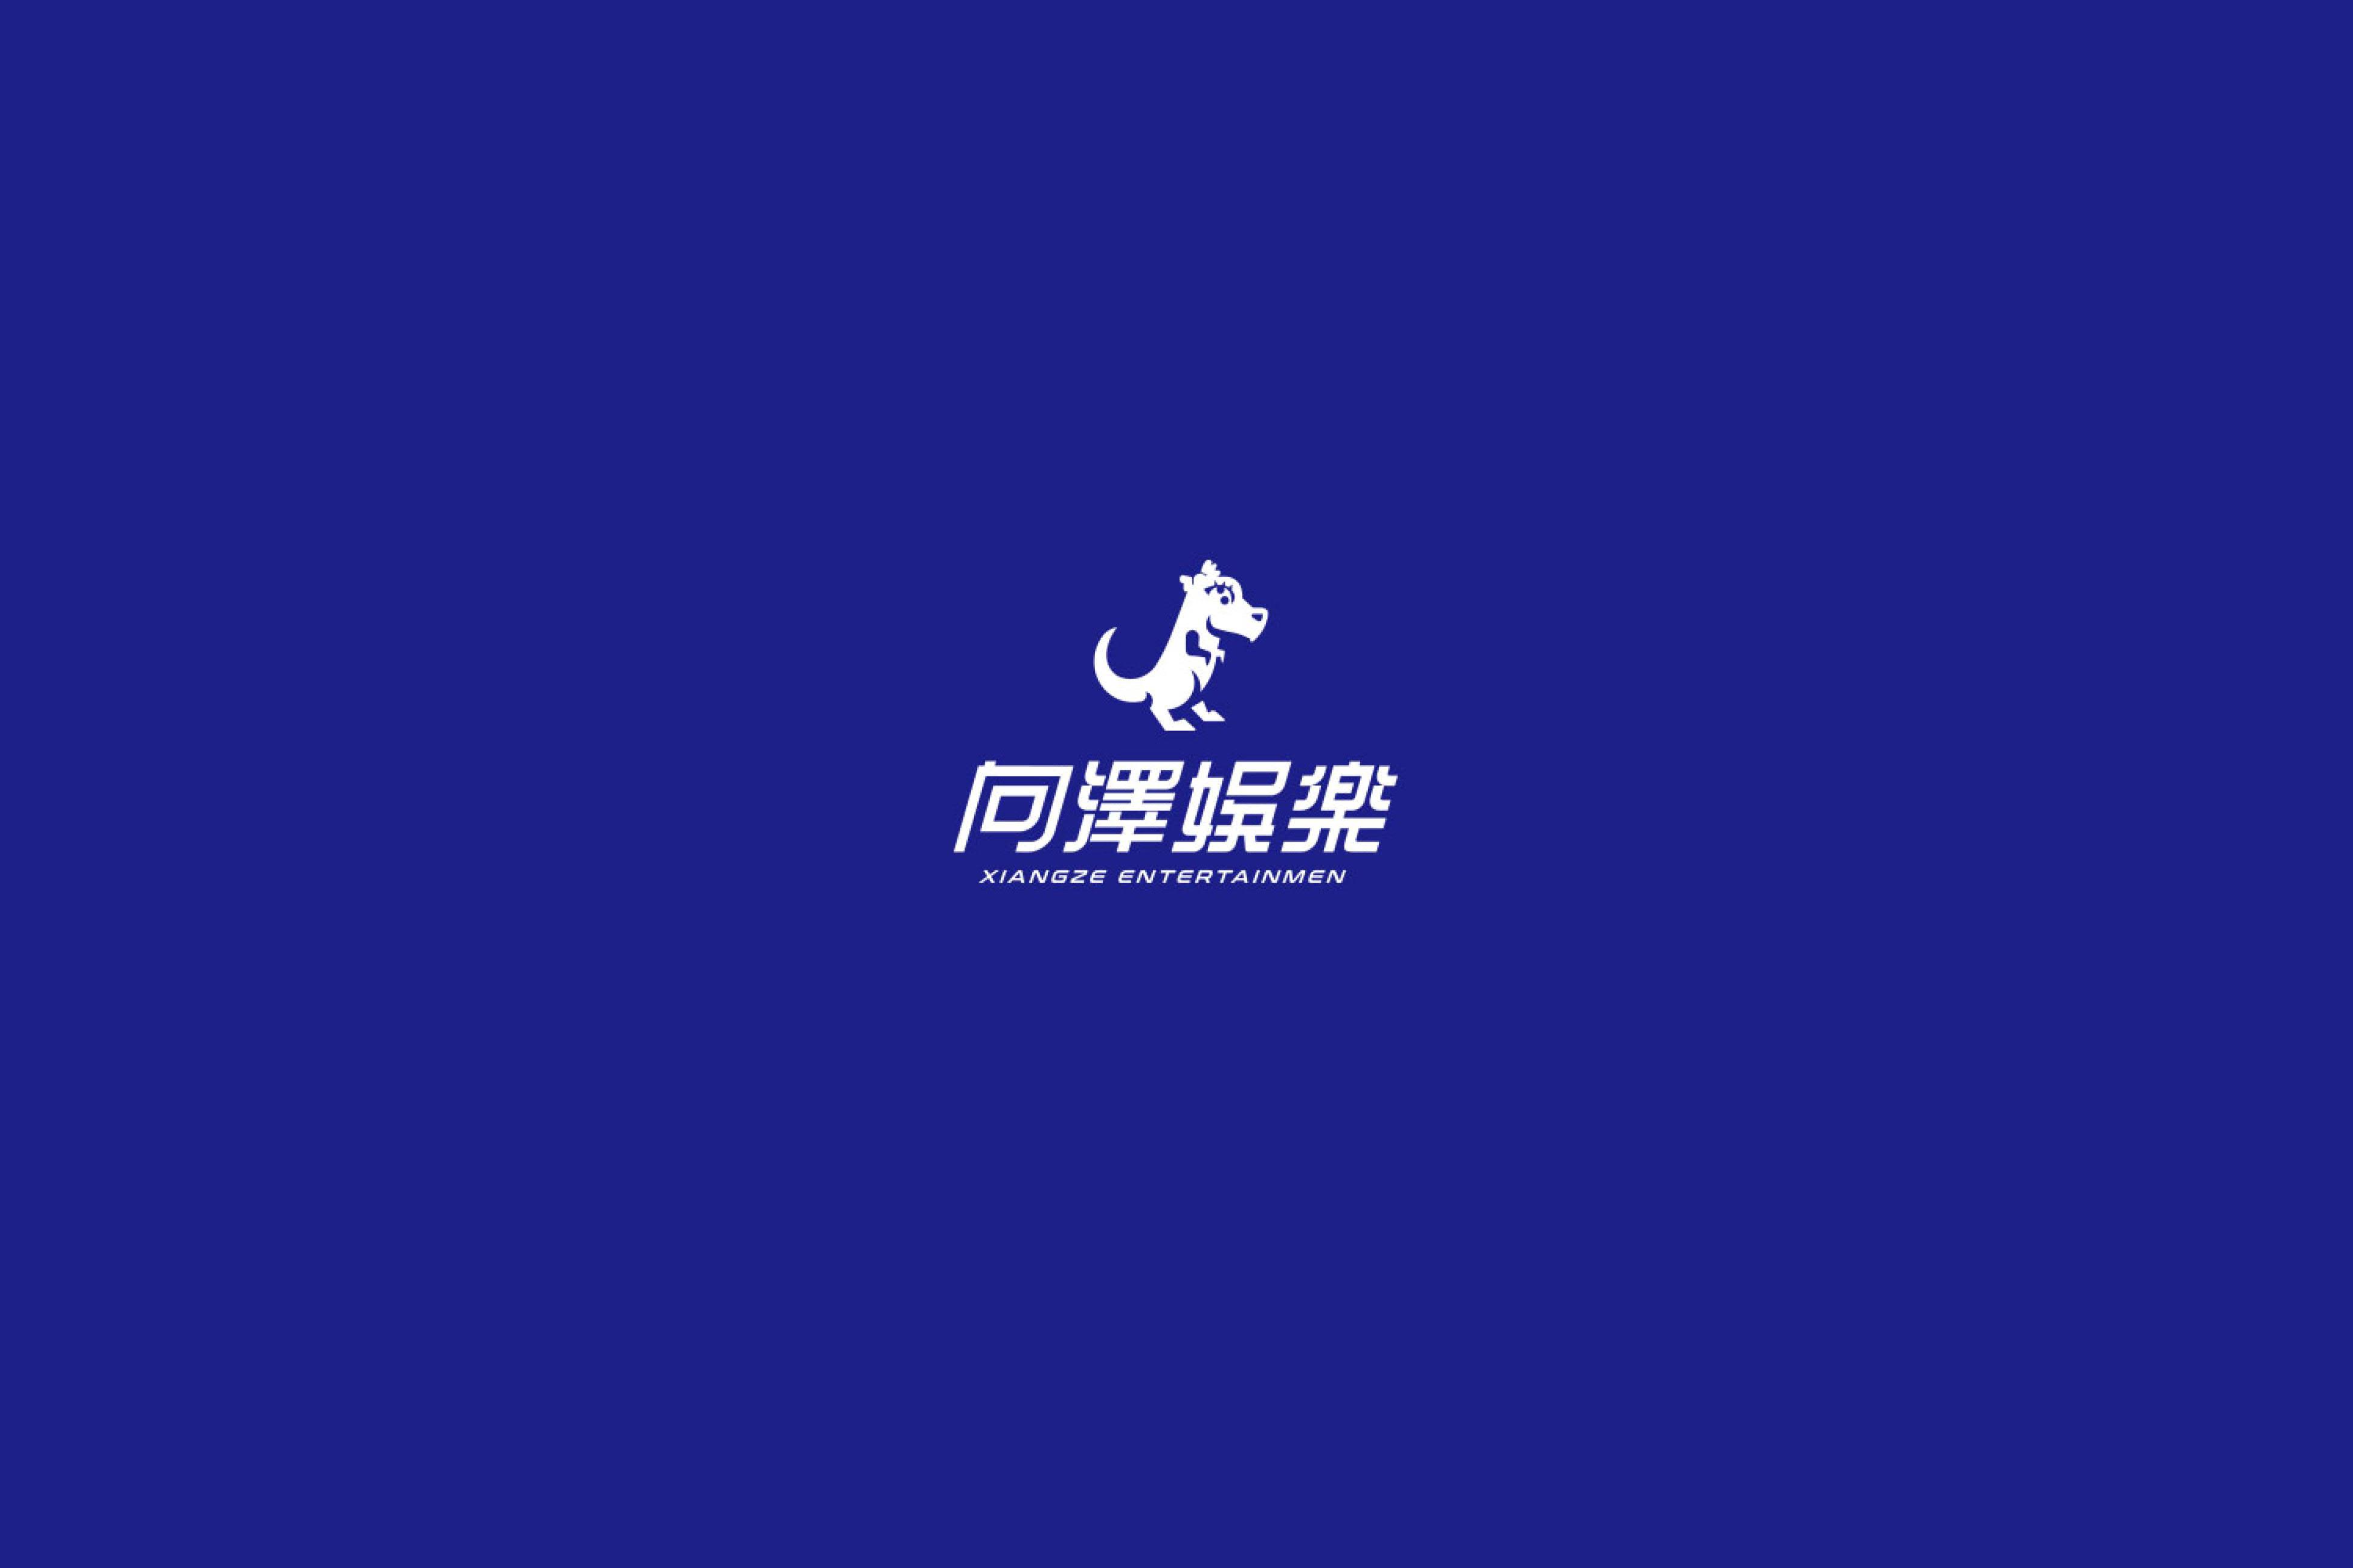 向澤娛樂1